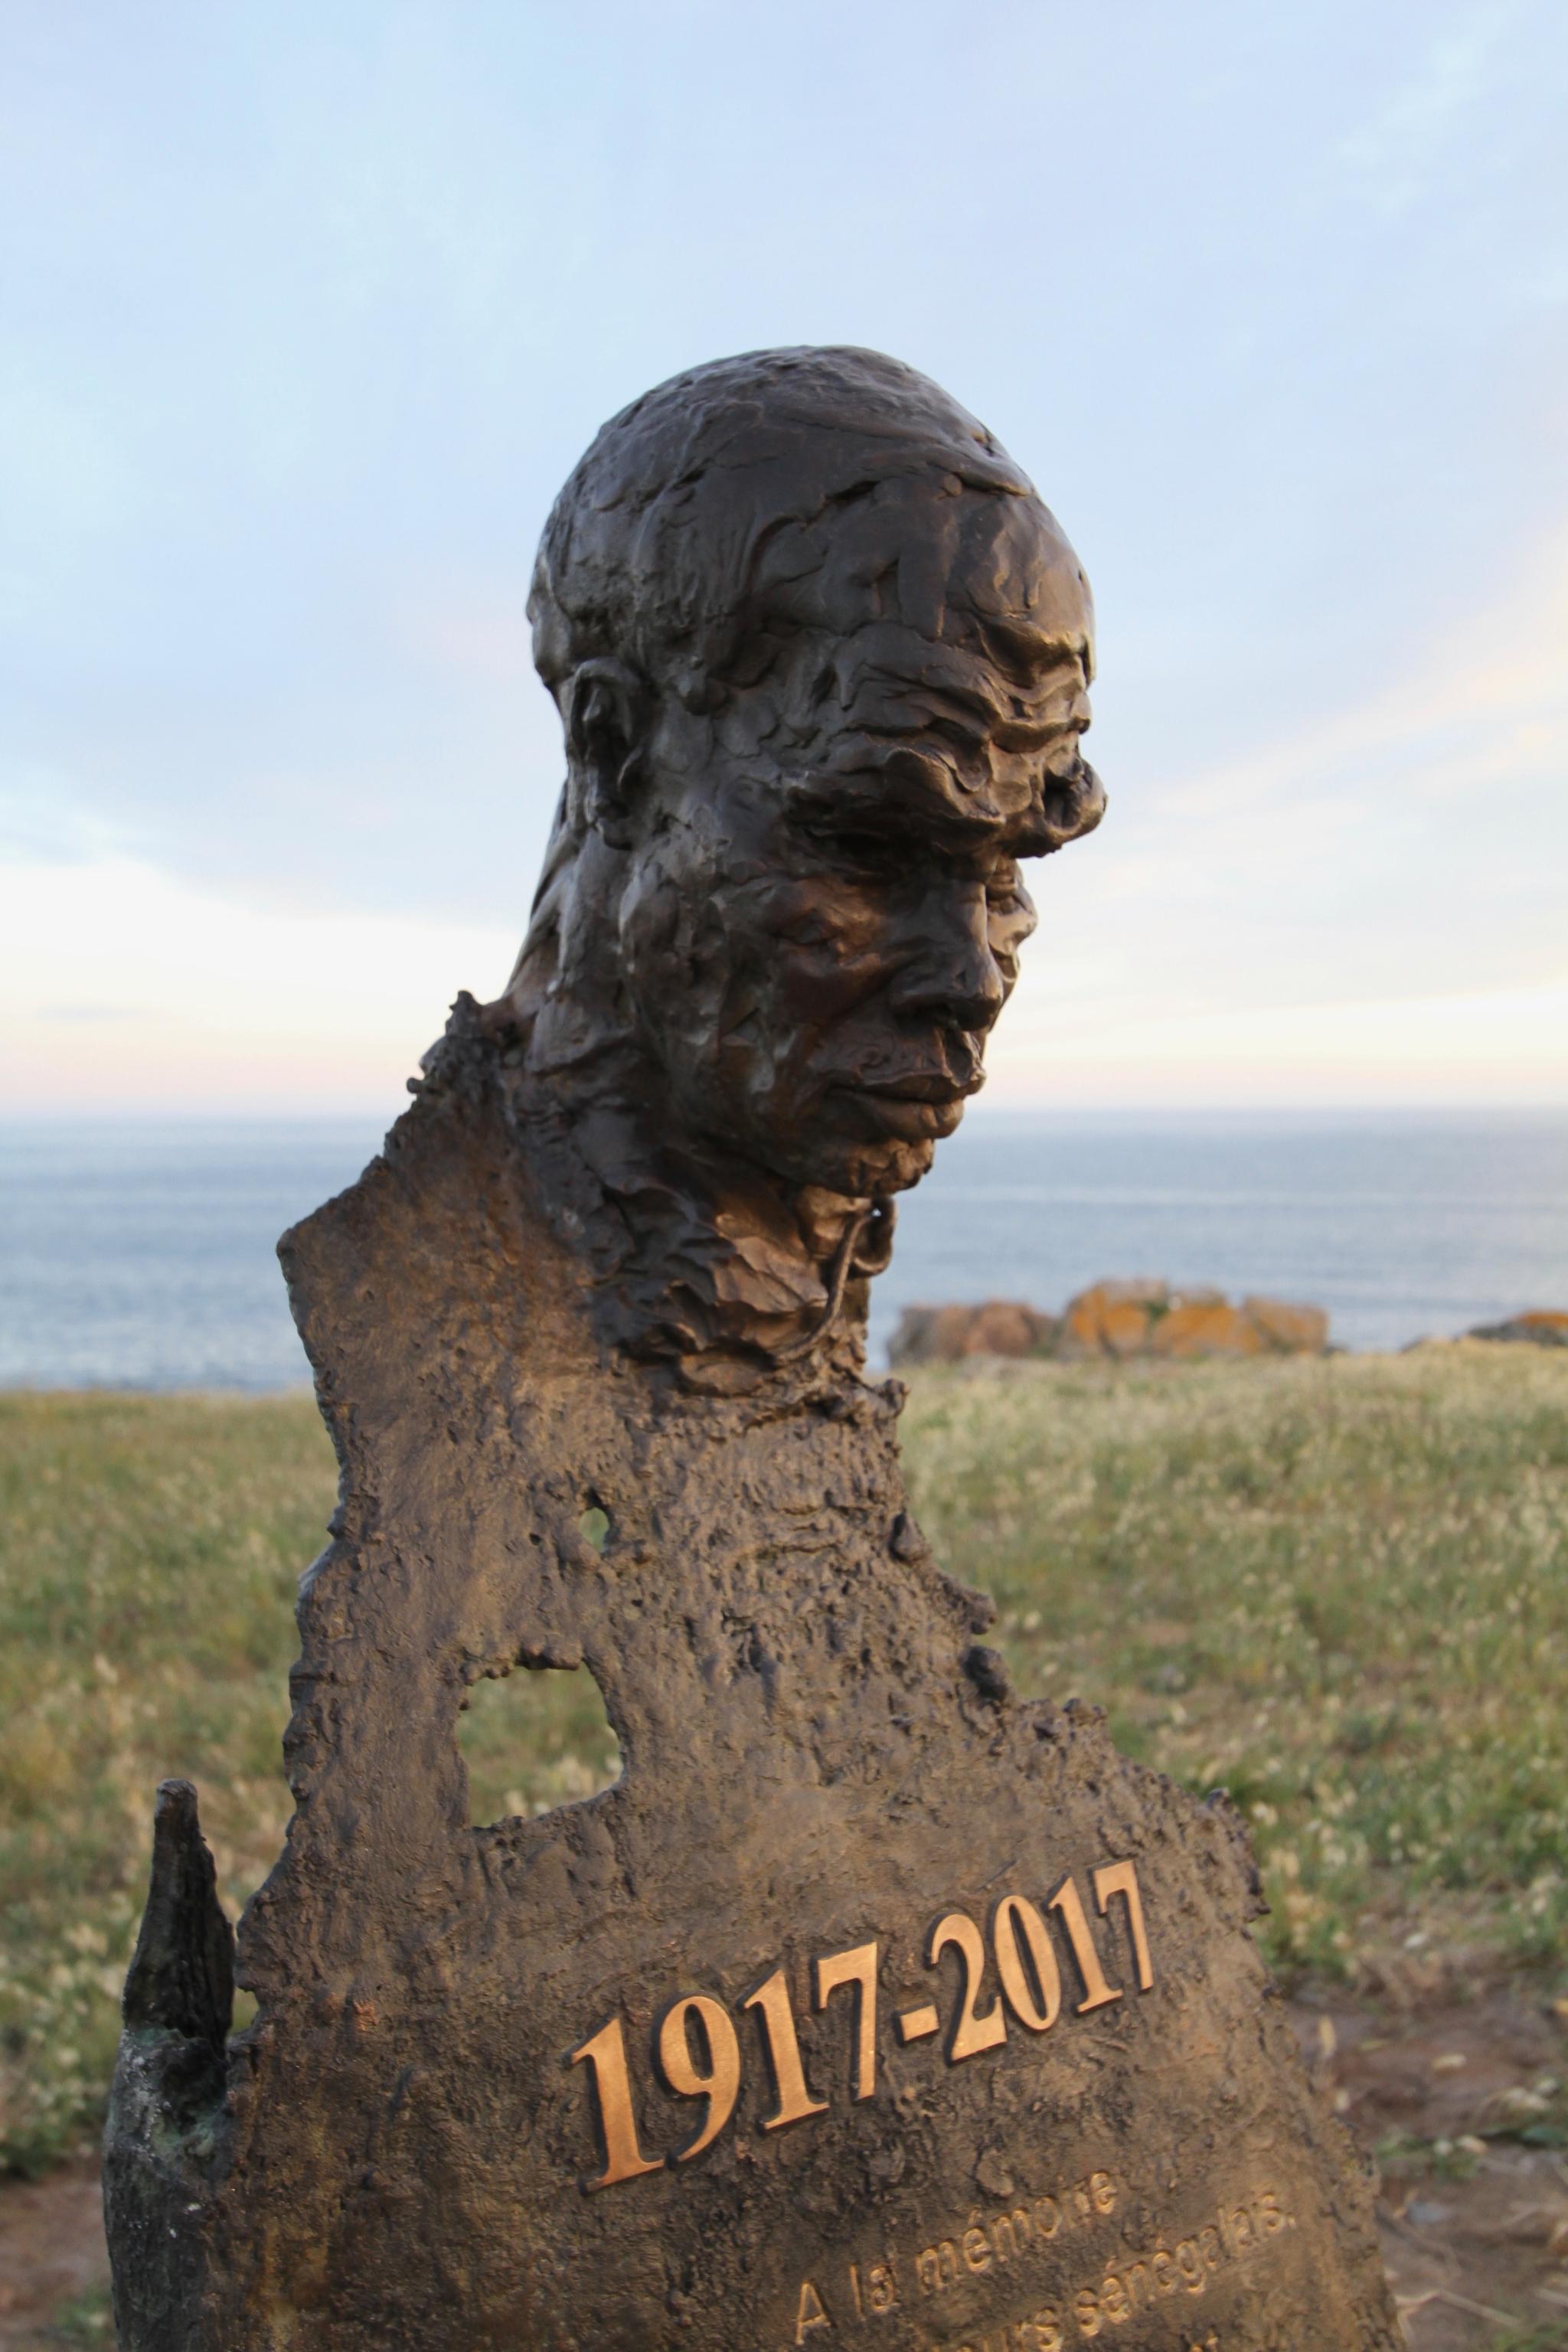 sculpture,kasper,ile d'yeu,naufrage,sequana,tirailleurs sénégalais,histoire 1917,commémorations 1917,statue